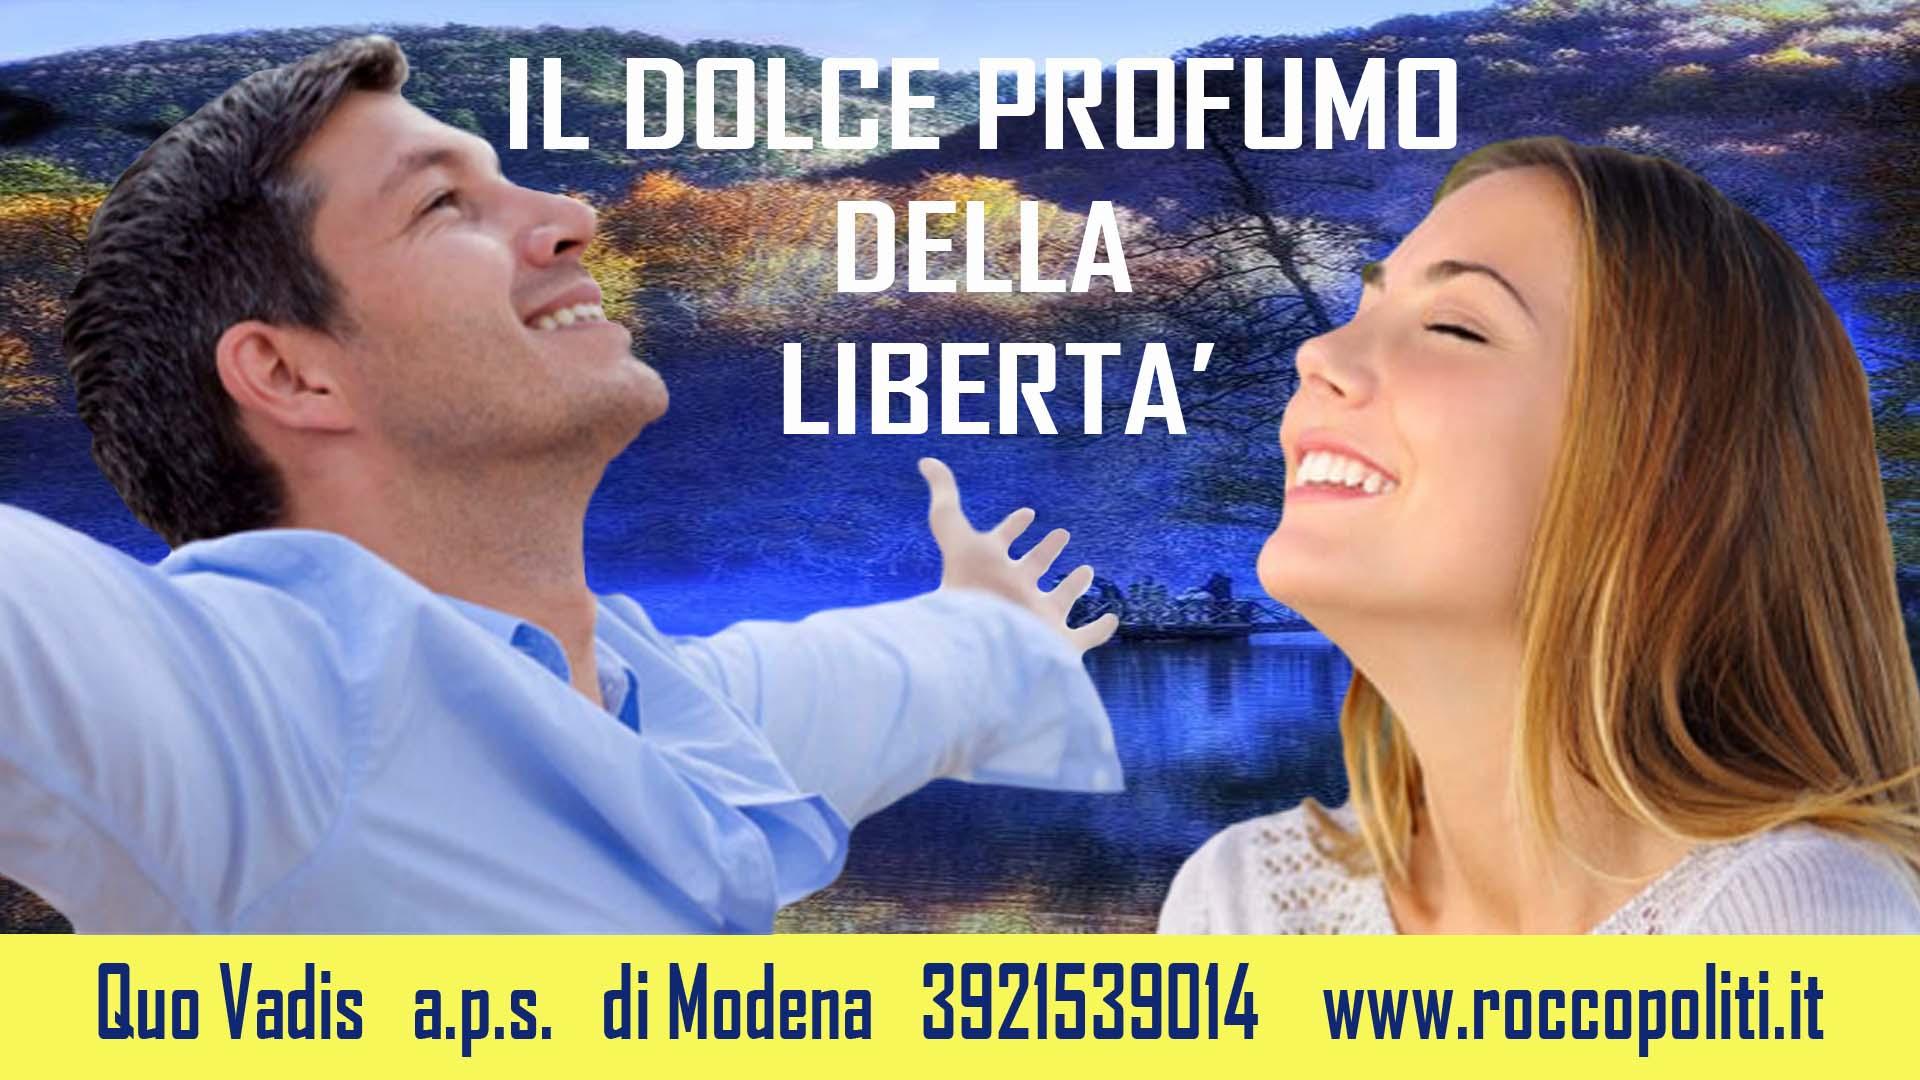 L - PROFUMO DI LIBERTA'